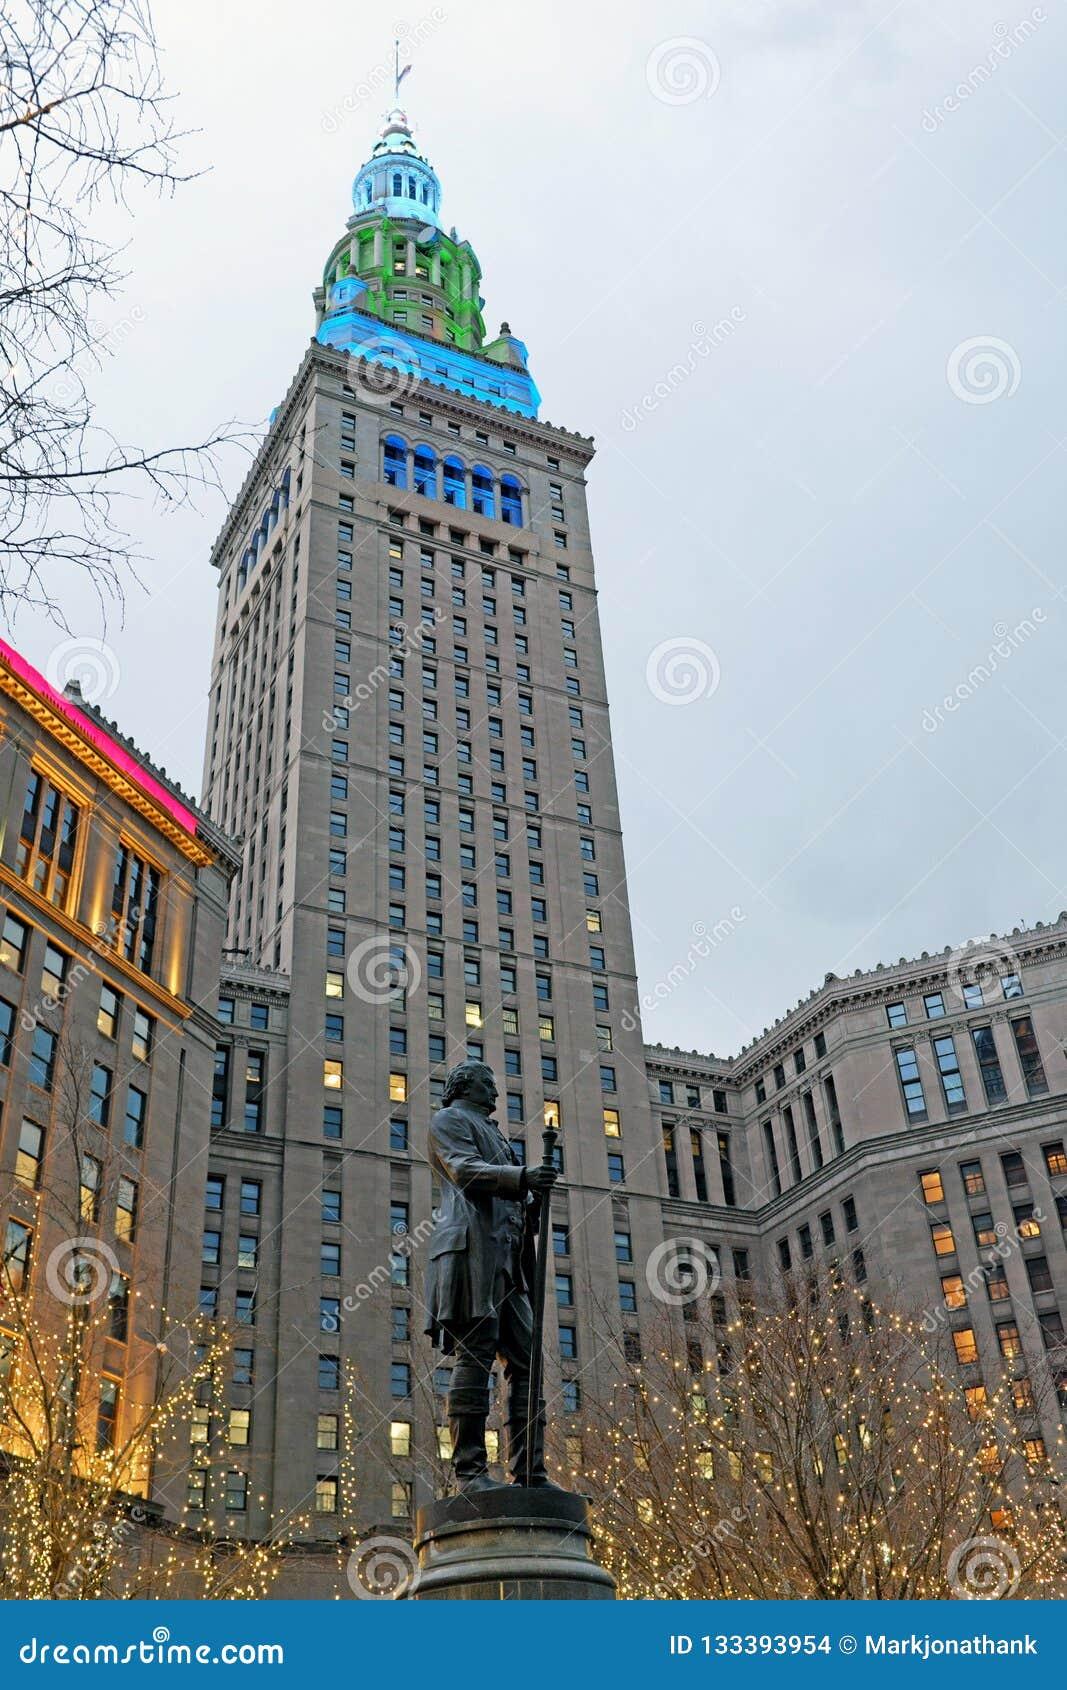 La torre terminal del hito histórico en la arena pública en Cleveland, Ohio, los E.E.U.U.